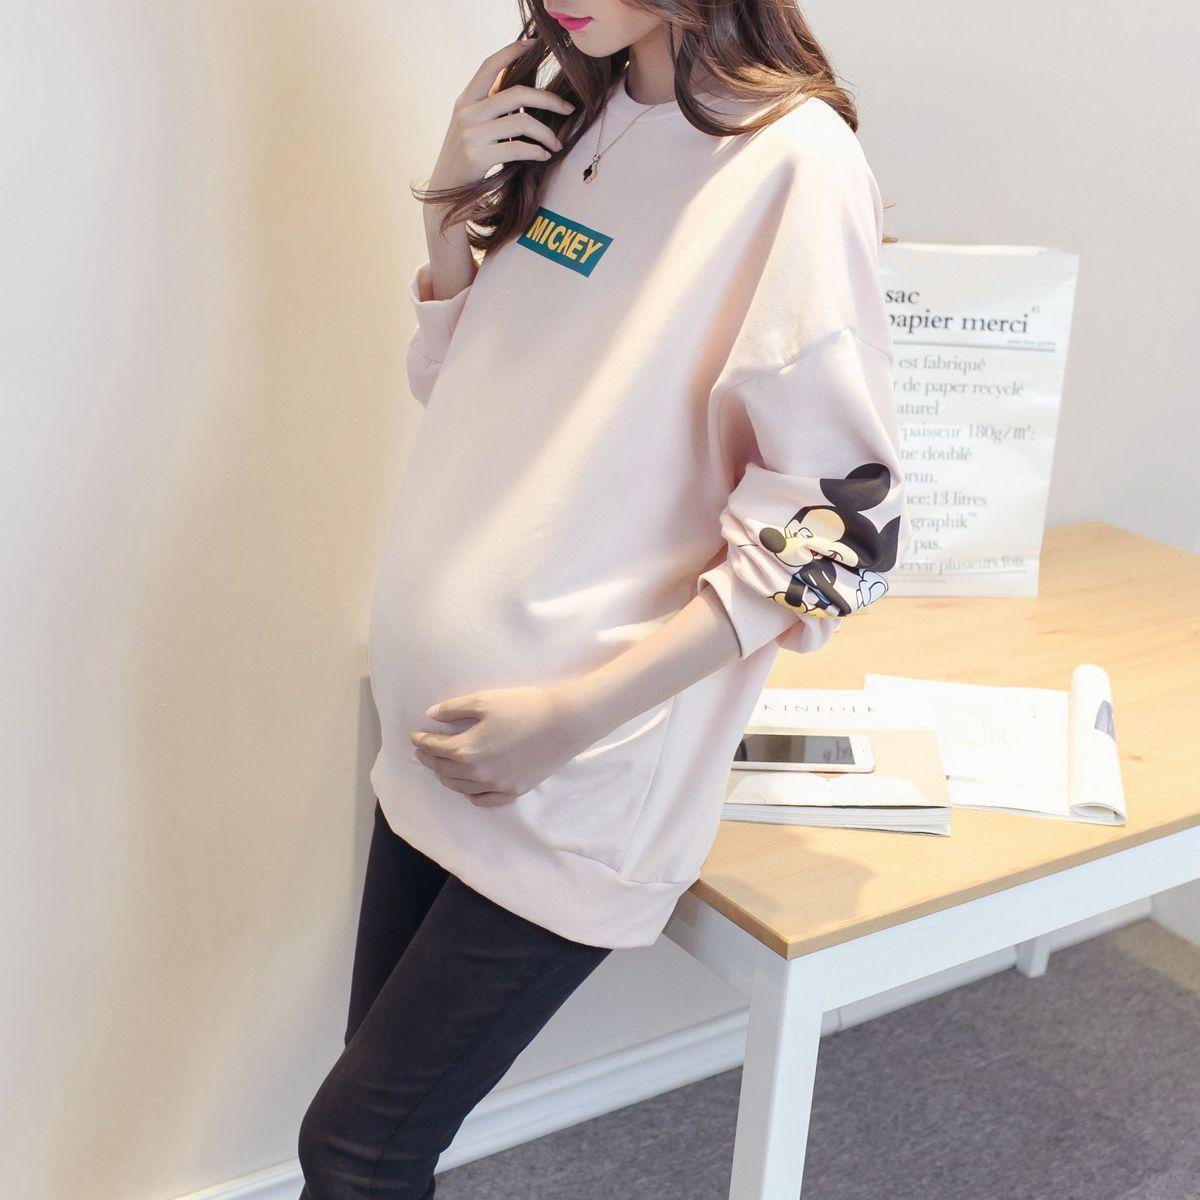 Корея большая мода метров в ширину свободный T футболки весенний и осенний сбор. беременная женщина куртка чистый хлопок, секретаря рукав свитер плюс бархат беременная женщина свитер